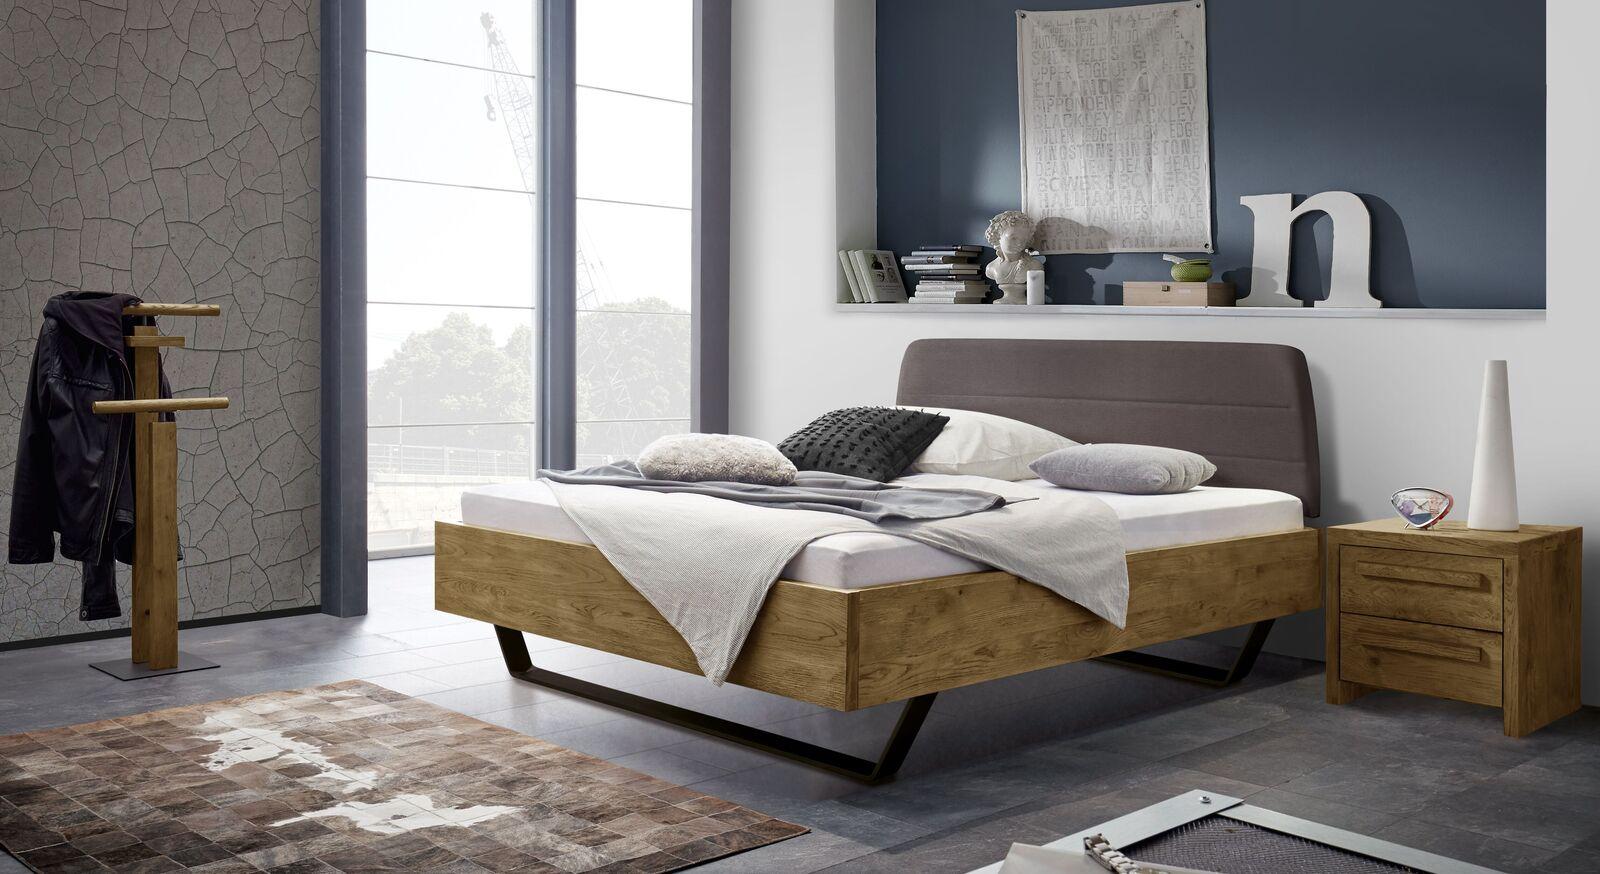 Bett Ticario mit passenden Schlafzimmermöbeln